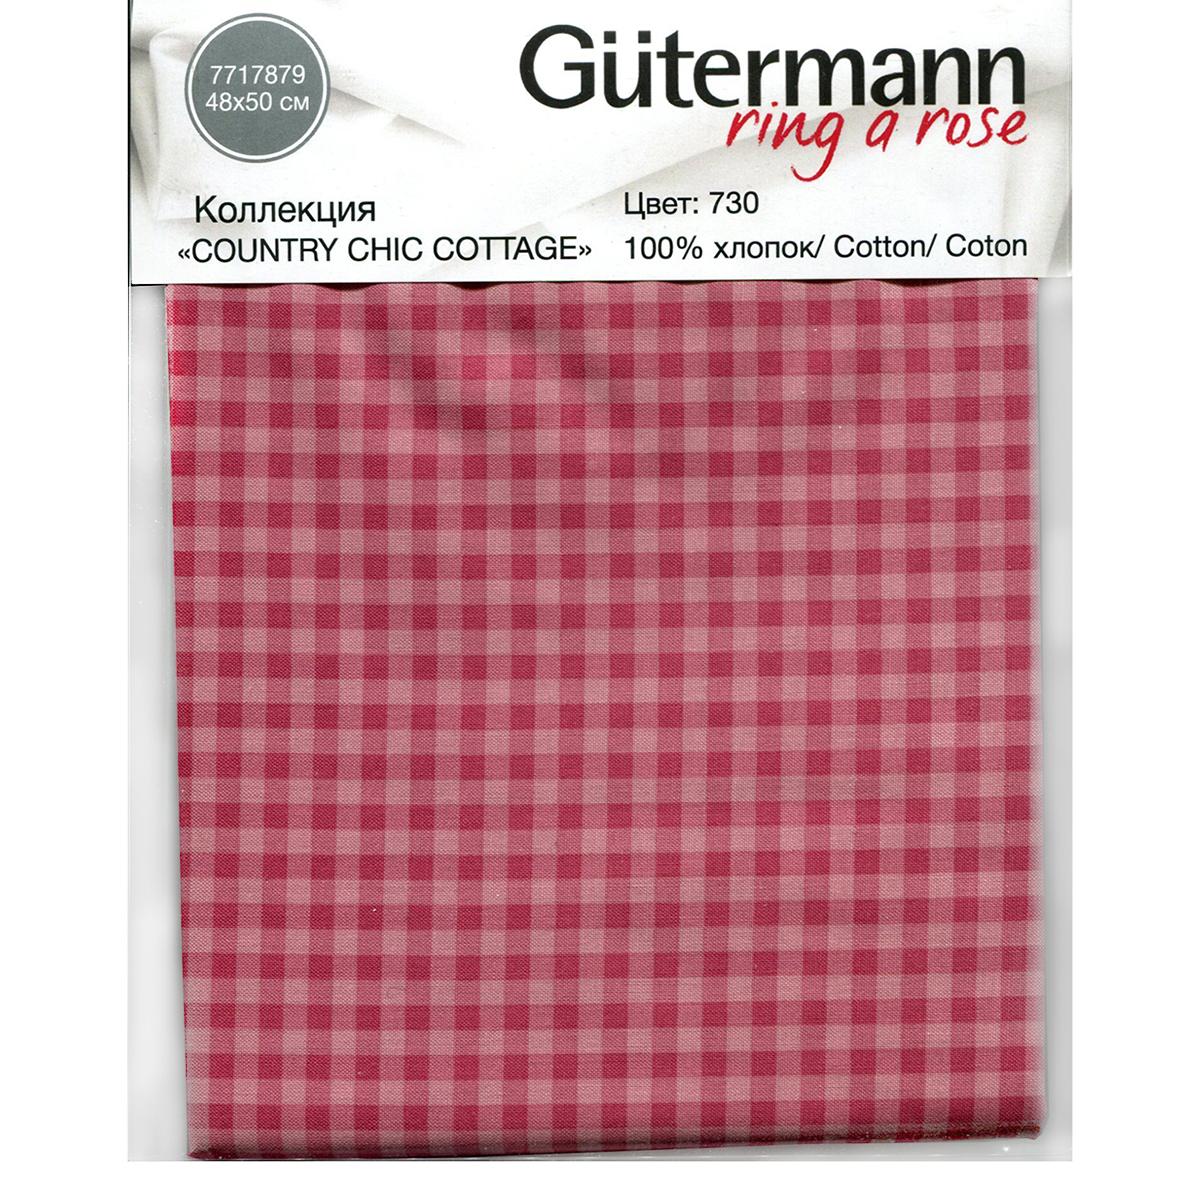 Ткань Gutermann Country Chic Cottage, 48 х 50 см. 649368_7307716373_черныйТкань Gutermann, изготовленная из 100% натурального хлопка, идеально подойдет для шитья одежды, постельного белья, декорирования. Ткань не линяет, не осыпается по краям и не дает усадки.